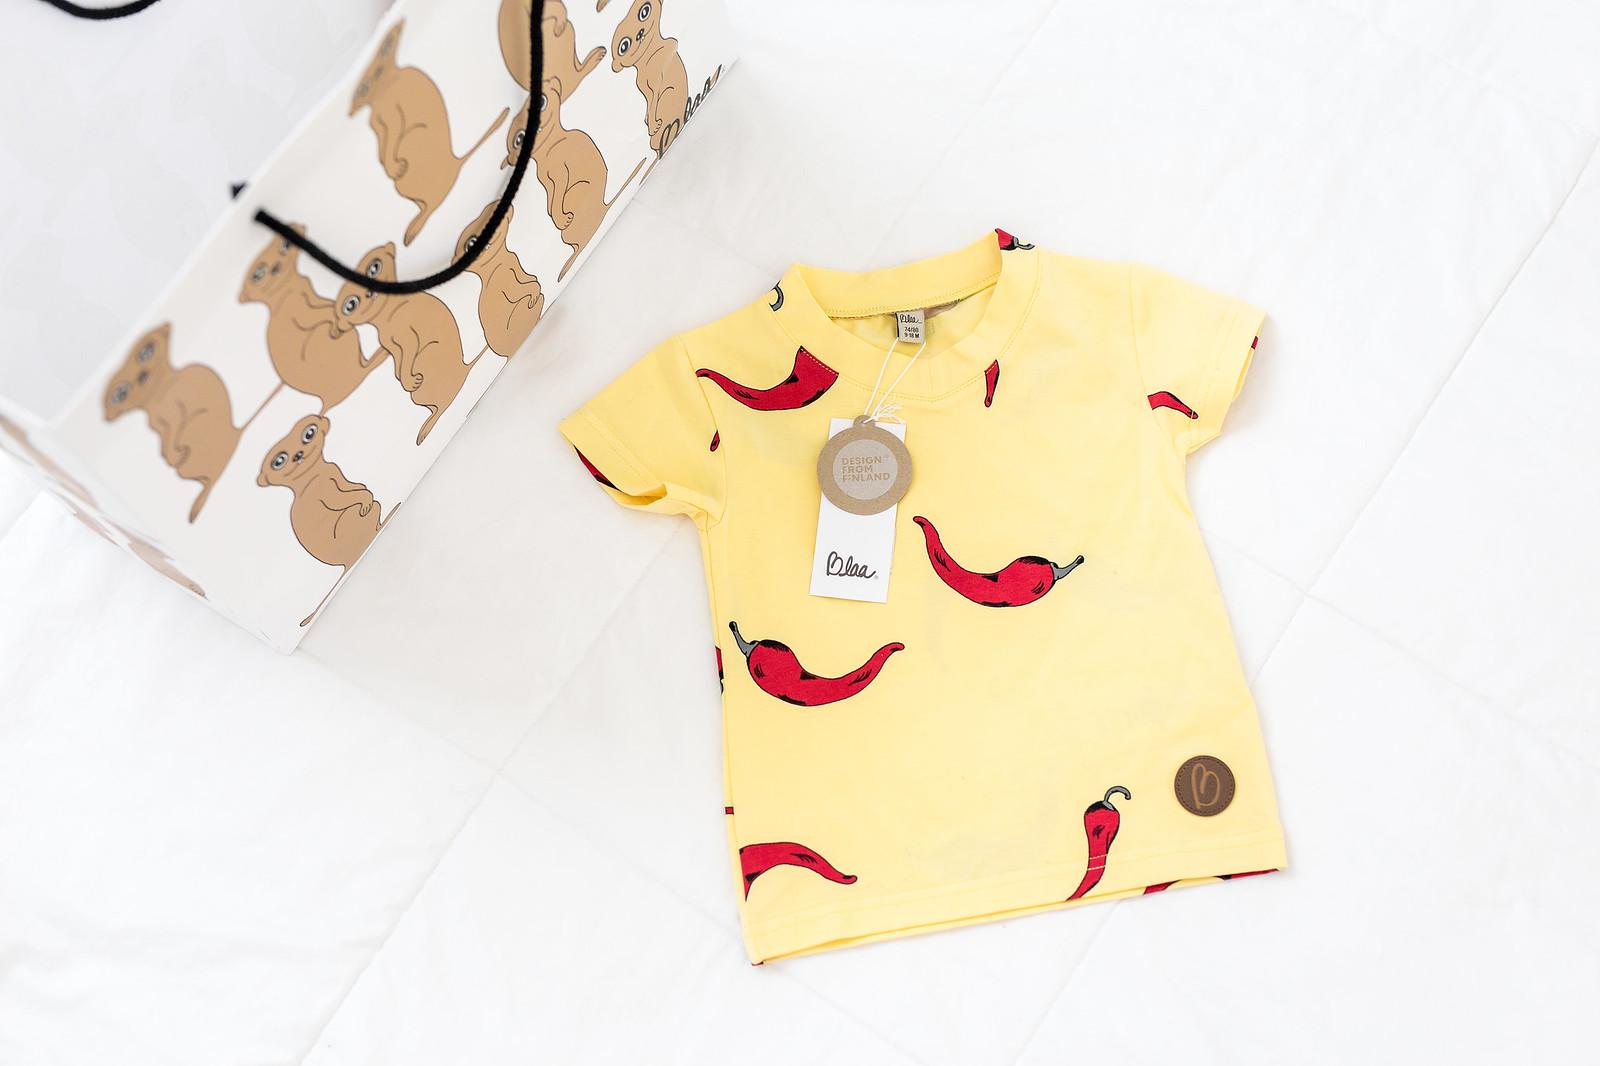 blaa t-paita